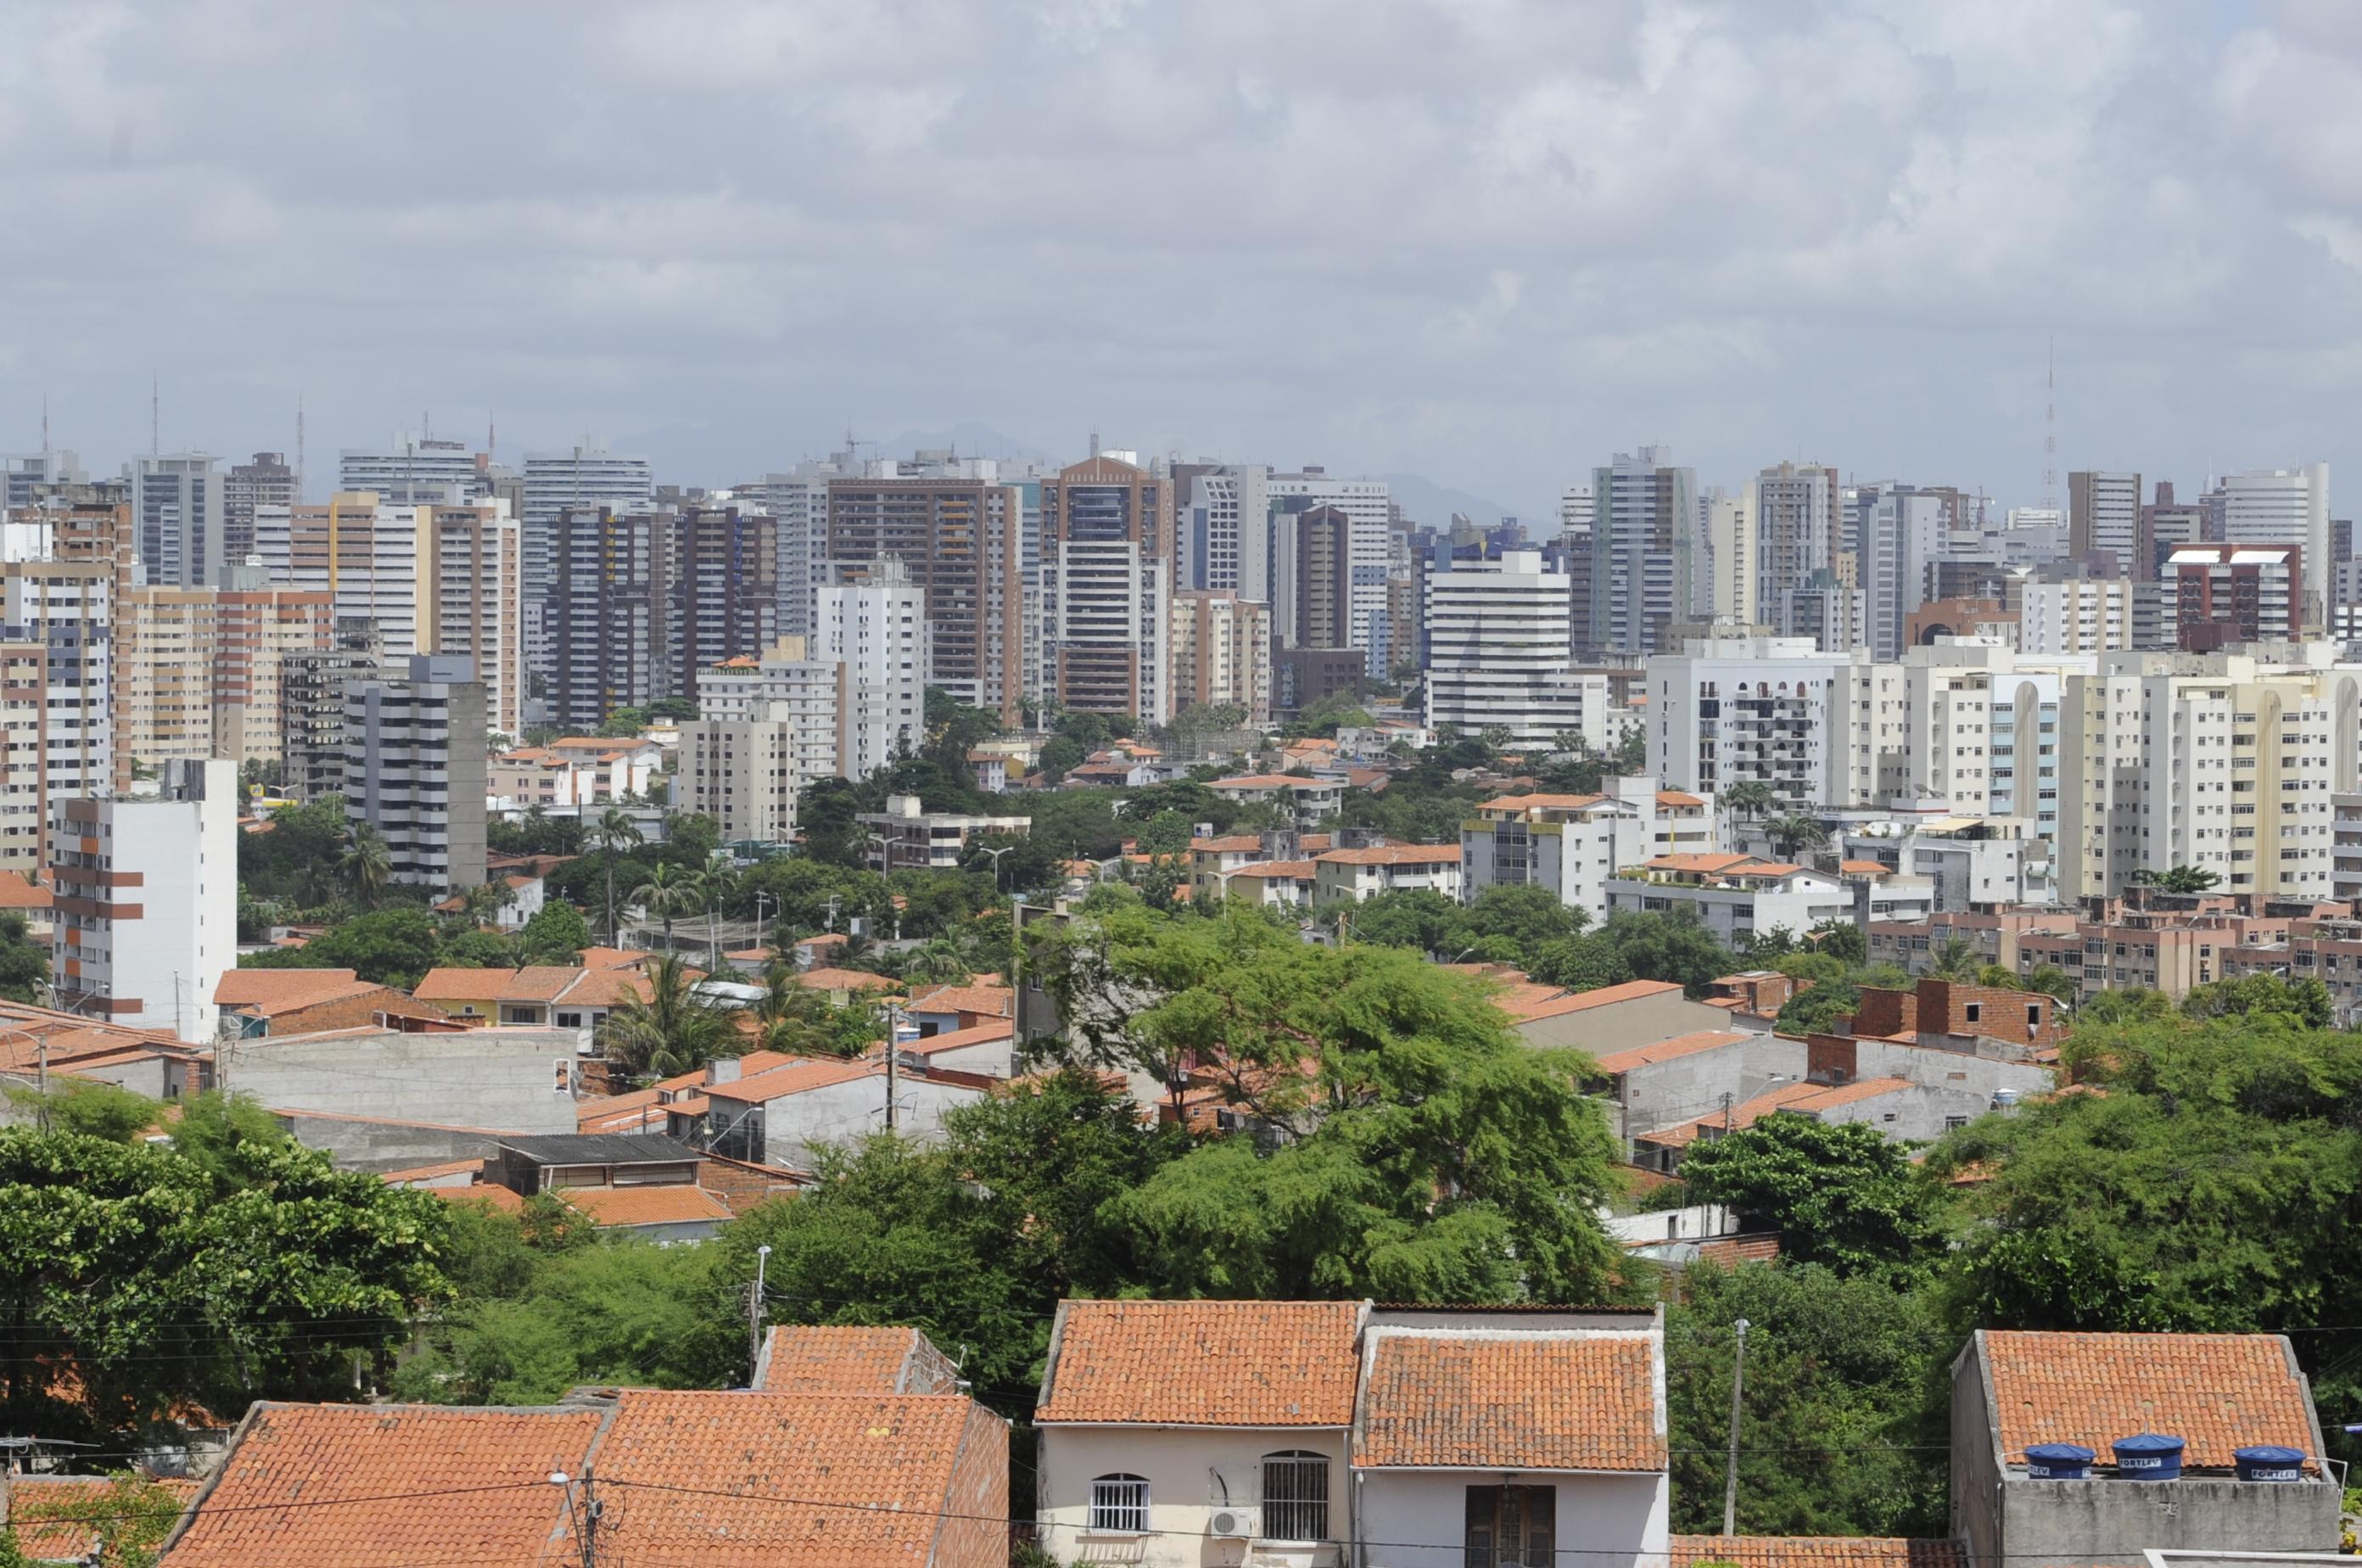 Abastecimento de água em Fortaleza e RMF será paralisado amanhã (19) para manutenção no sistema